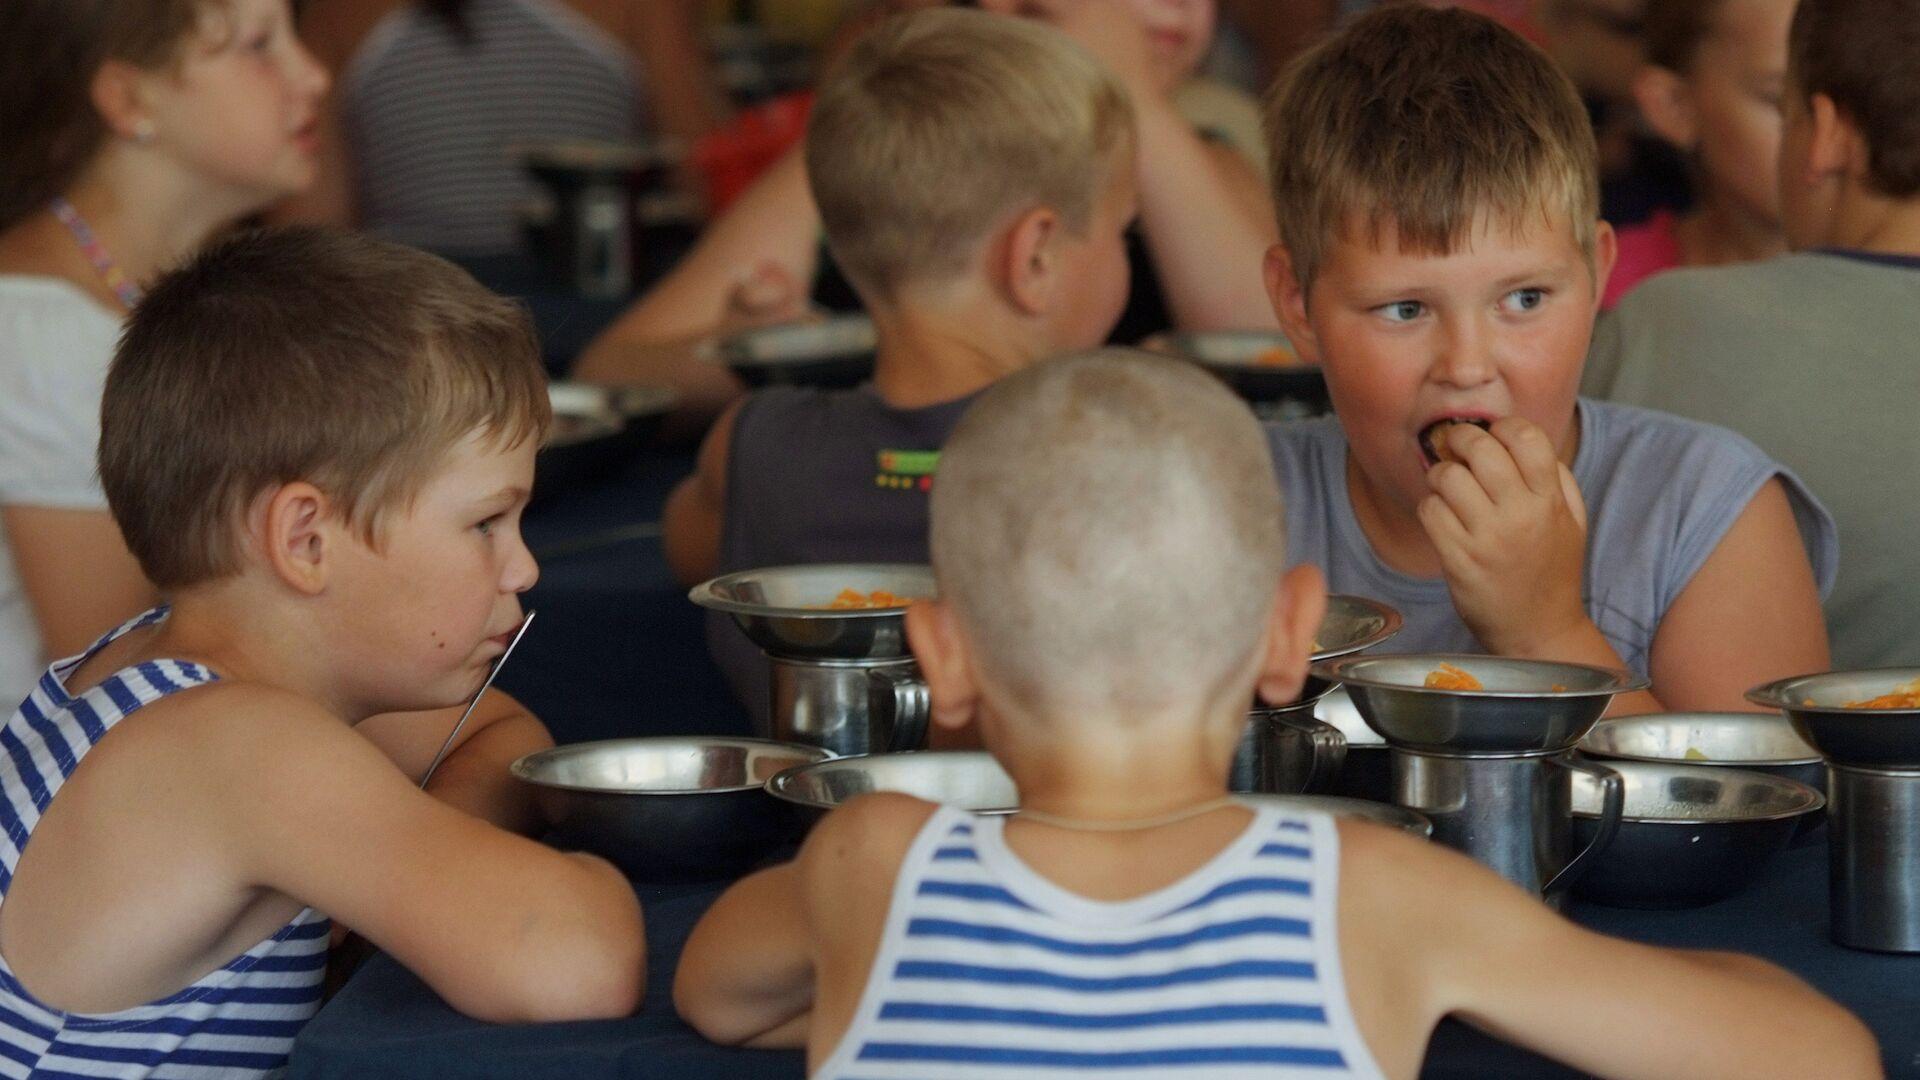 Детский отдых в оздоровительном лагере Парус - РИА Новости, 1920, 14.05.2021